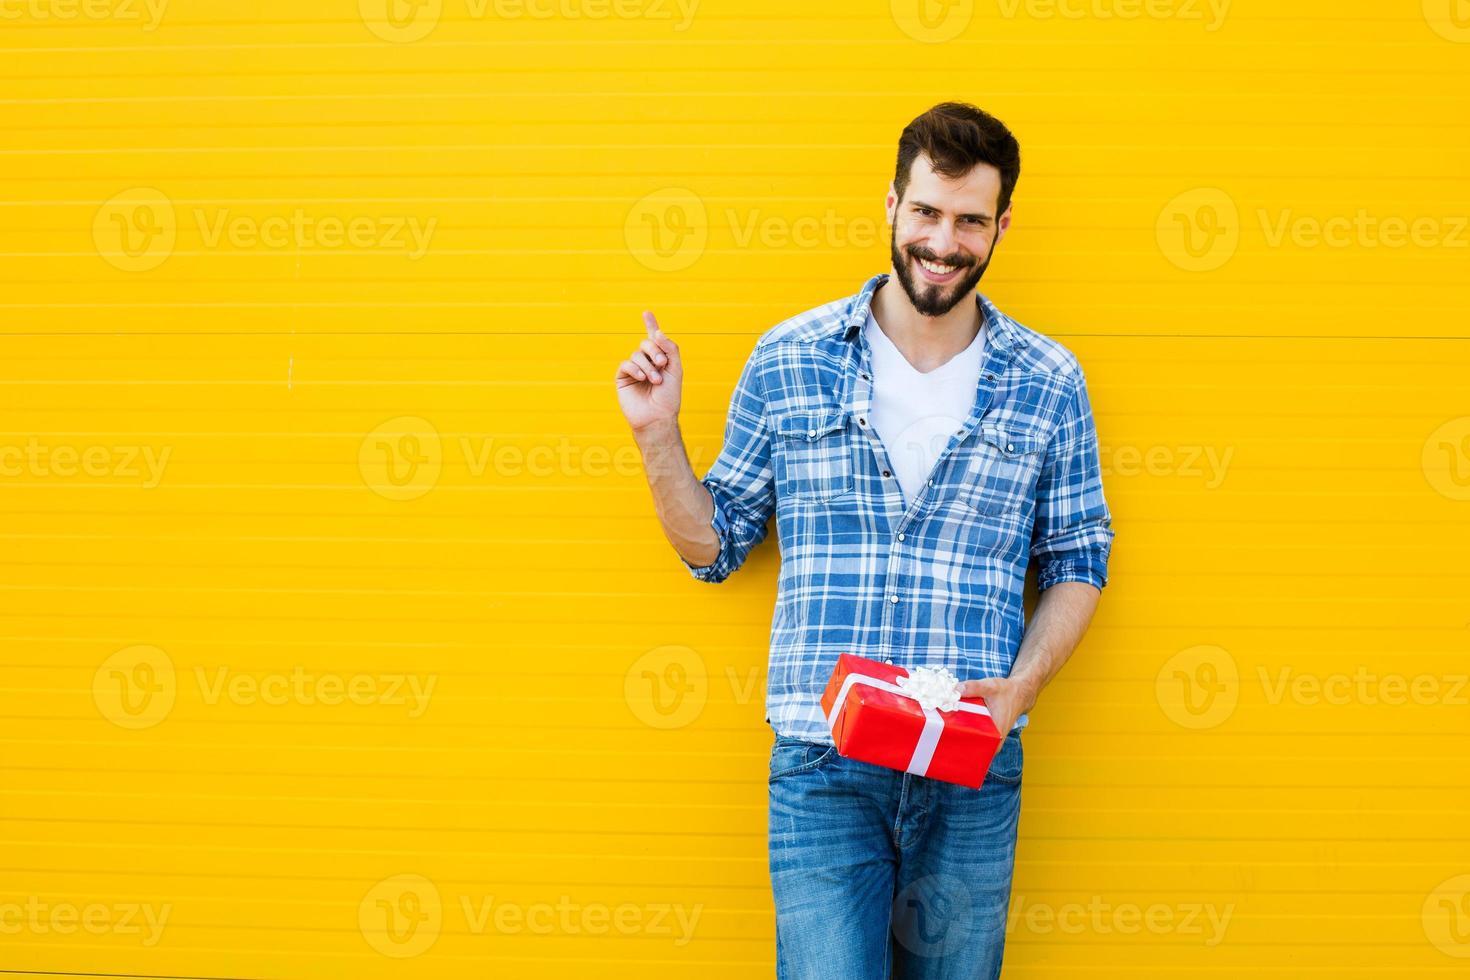 volwassen man met rode geschenk foto